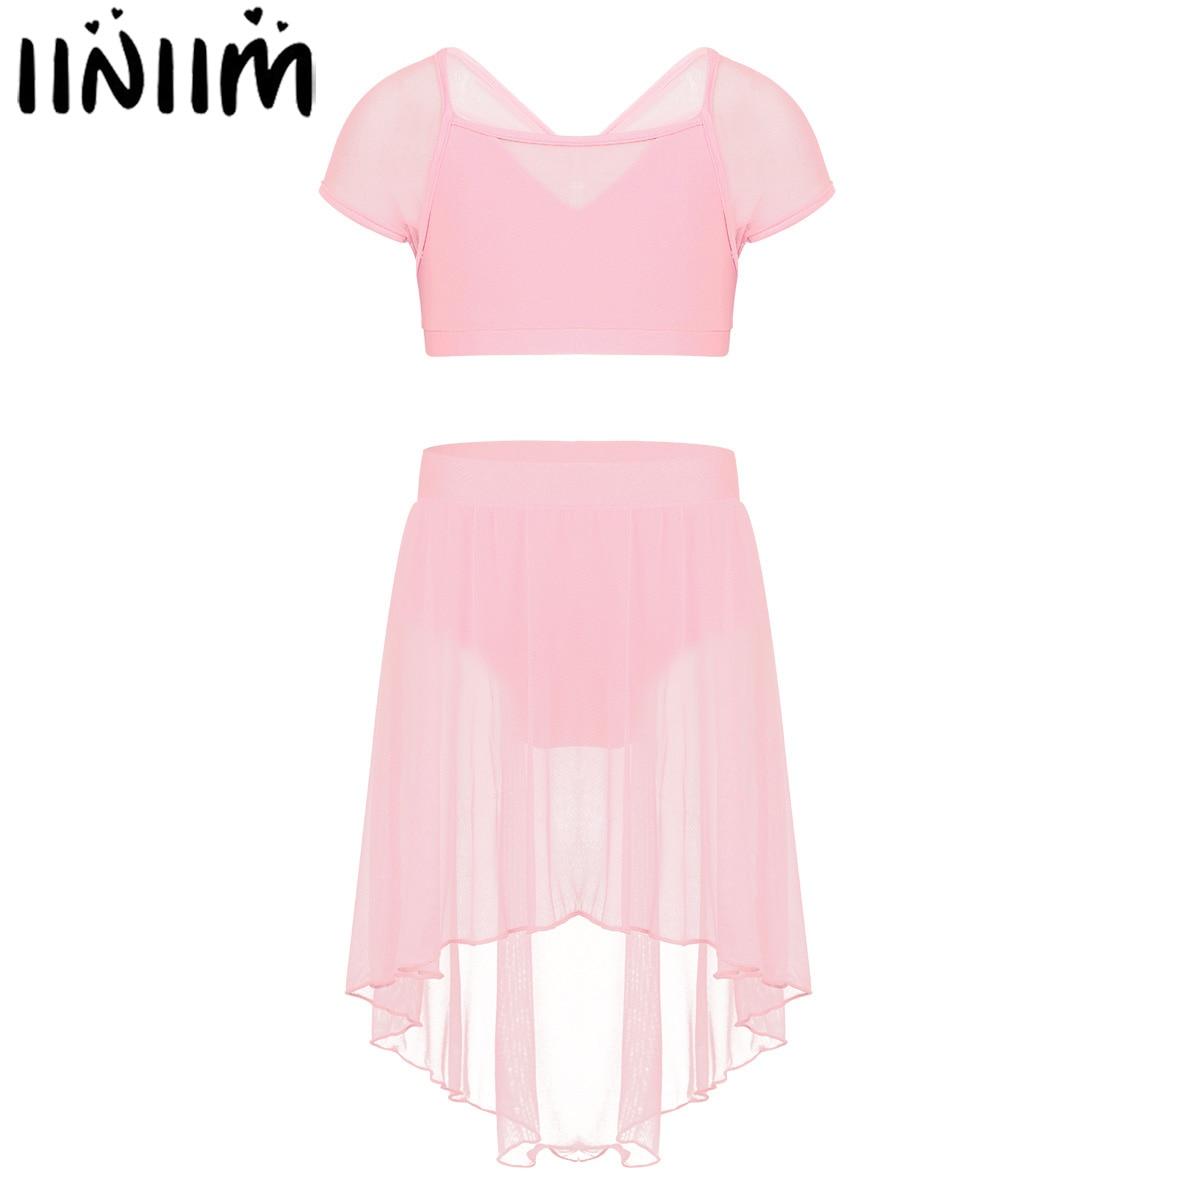 iiniim Kids Girls Splice Cap Ballet Dancewear Bowknot Ballet Dance Gymnastics Leotard Costumes Ballerina Crop Top with Skirt